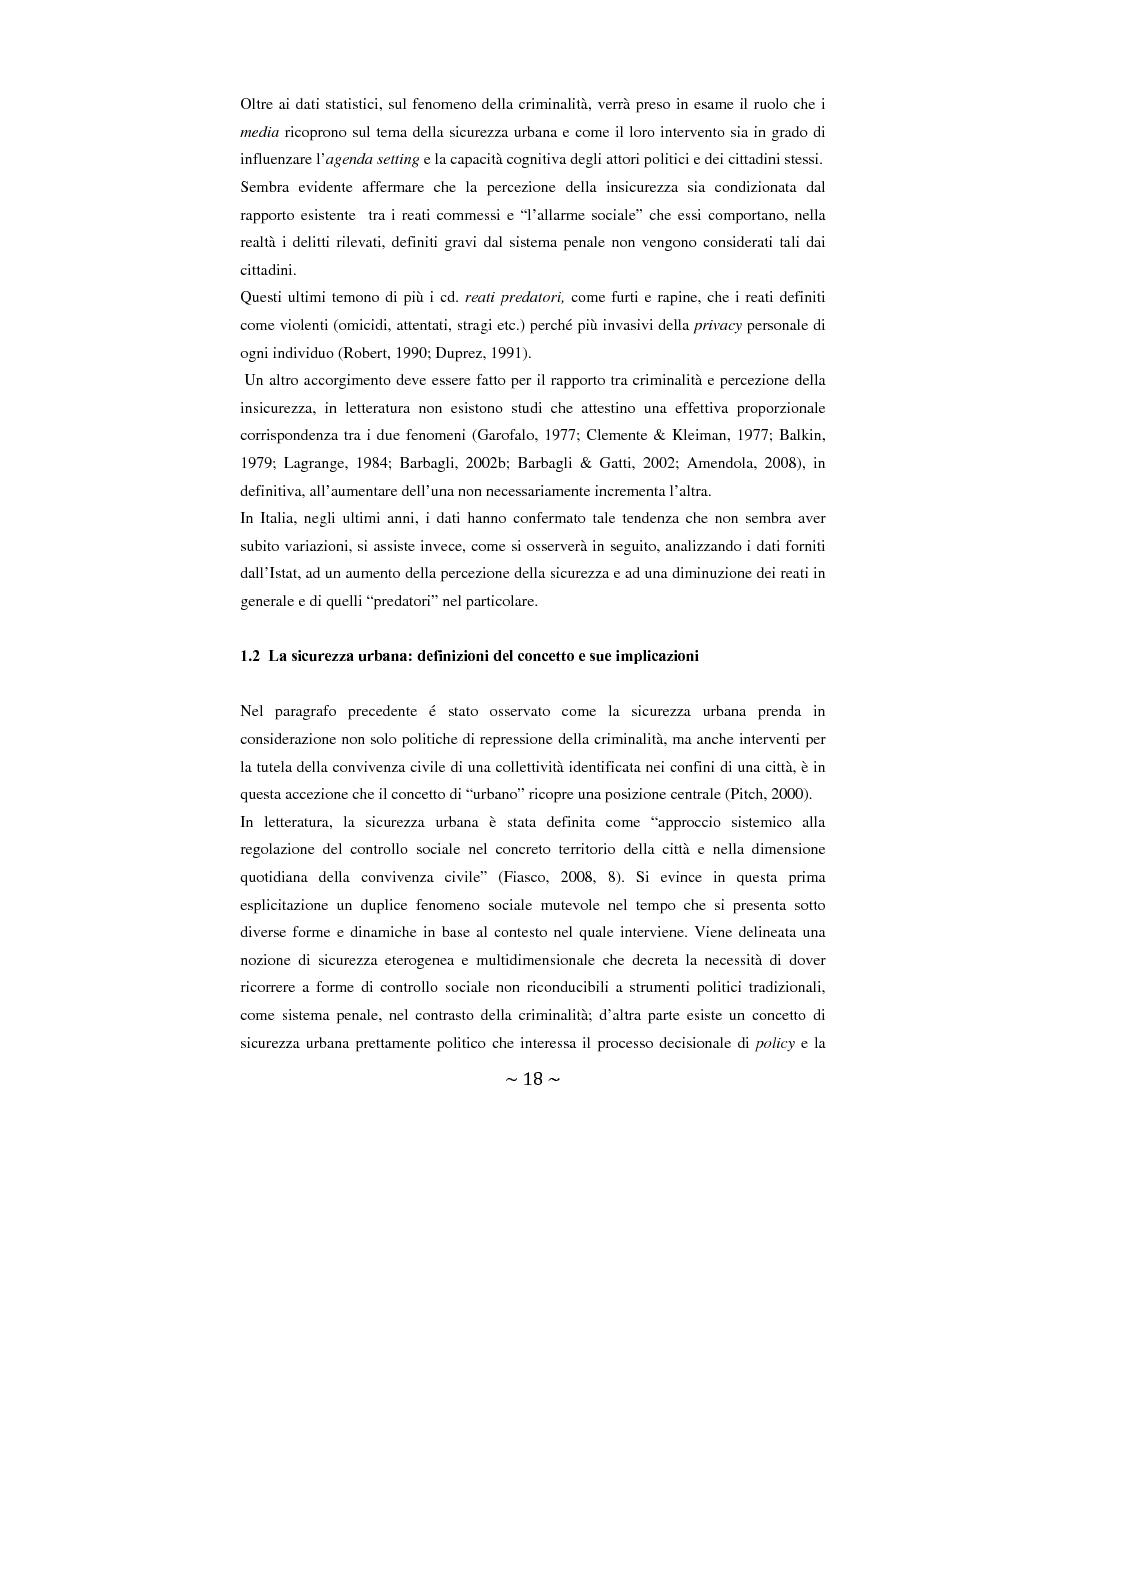 Anteprima della tesi: Contrattualizzare la sicurezza urbana, Pagina 11